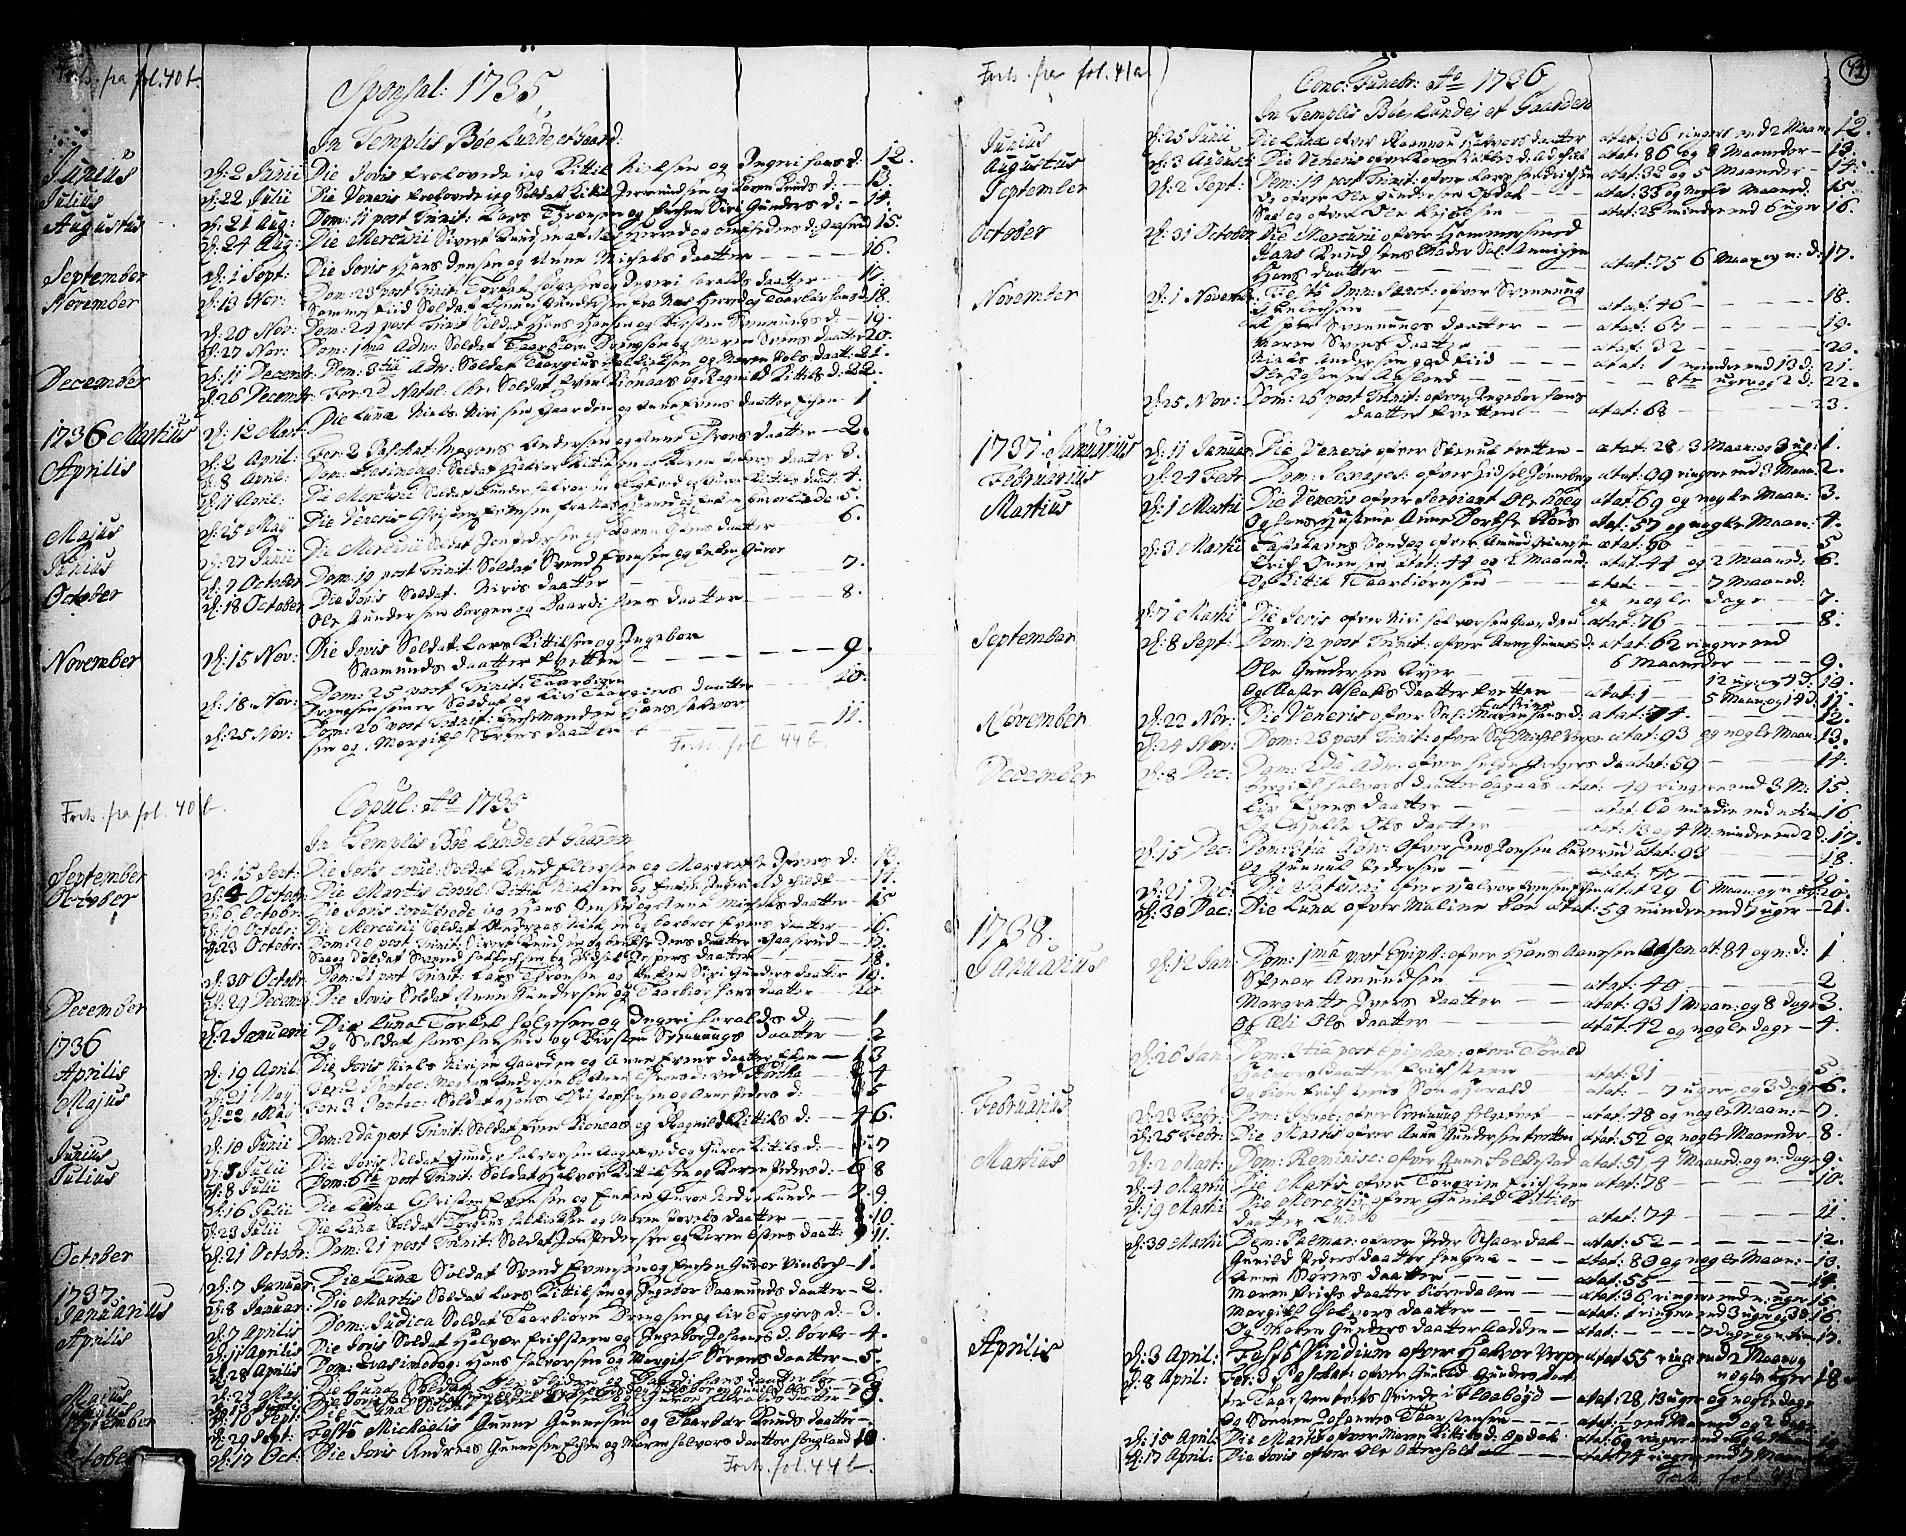 SAKO, Bø kirkebøker, F/Fa/L0003: Ministerialbok nr. 3, 1733-1748, s. 43